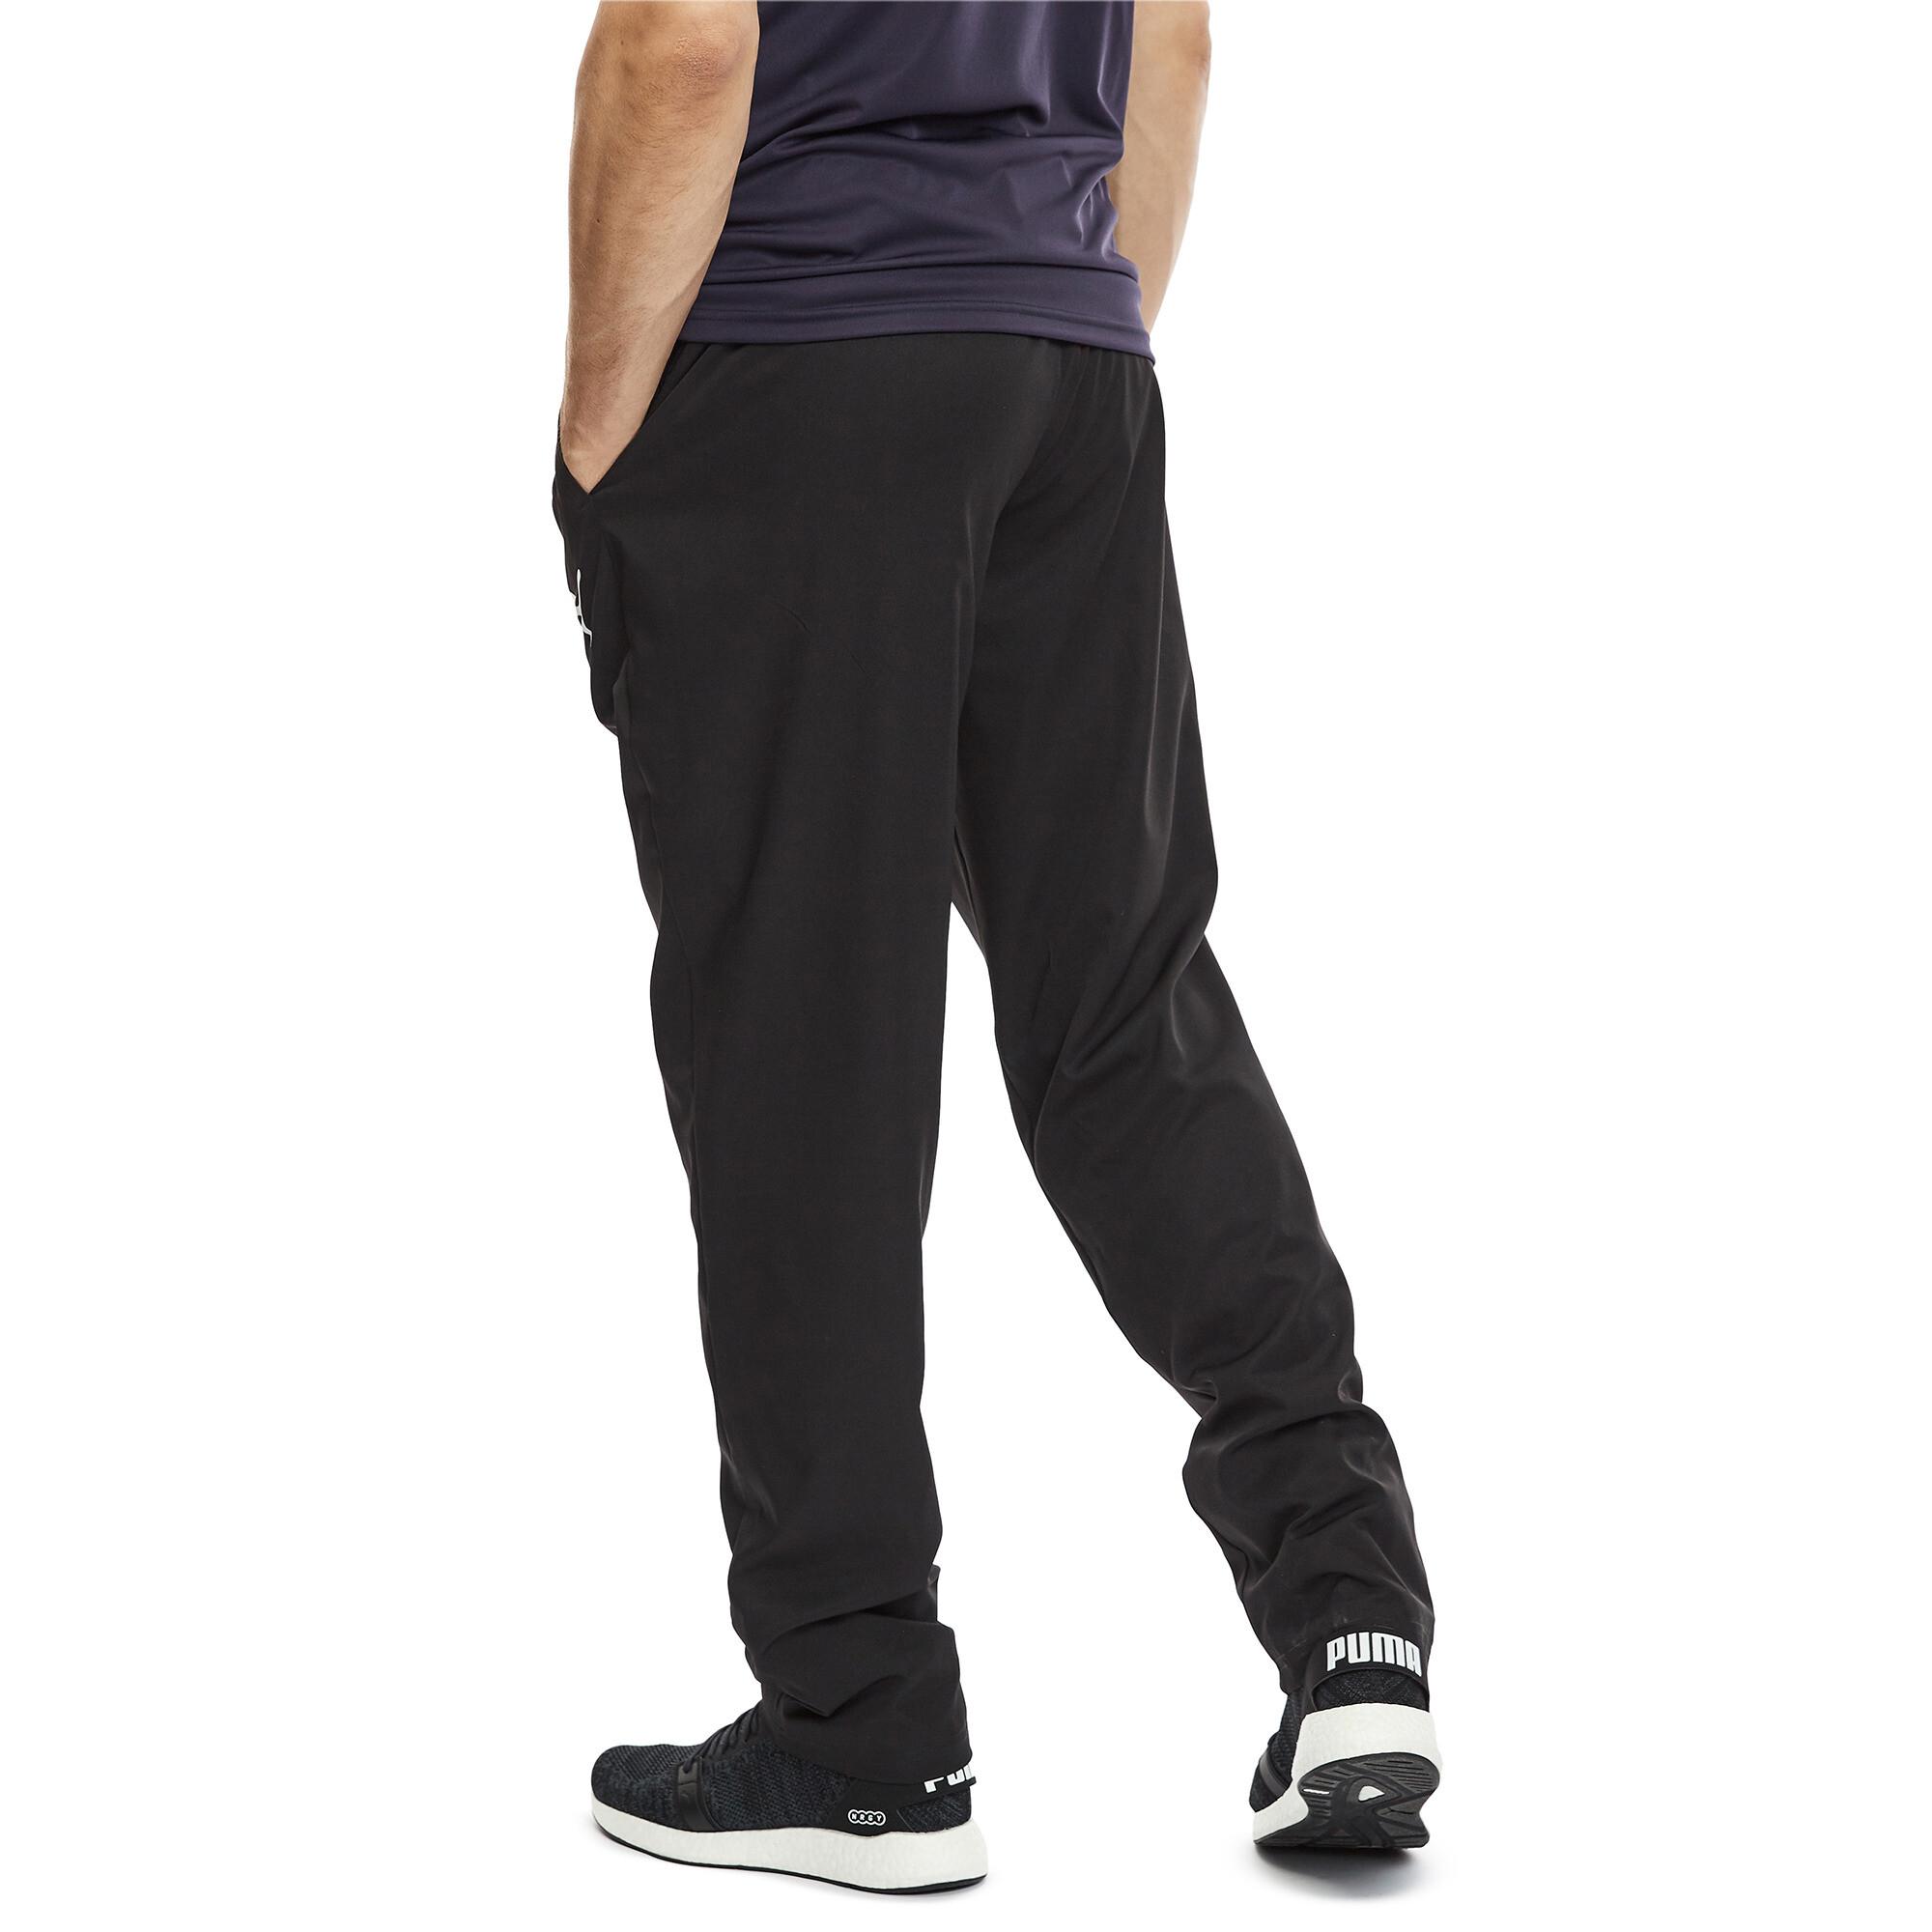 Image Puma Active Woven Men's Pants #2